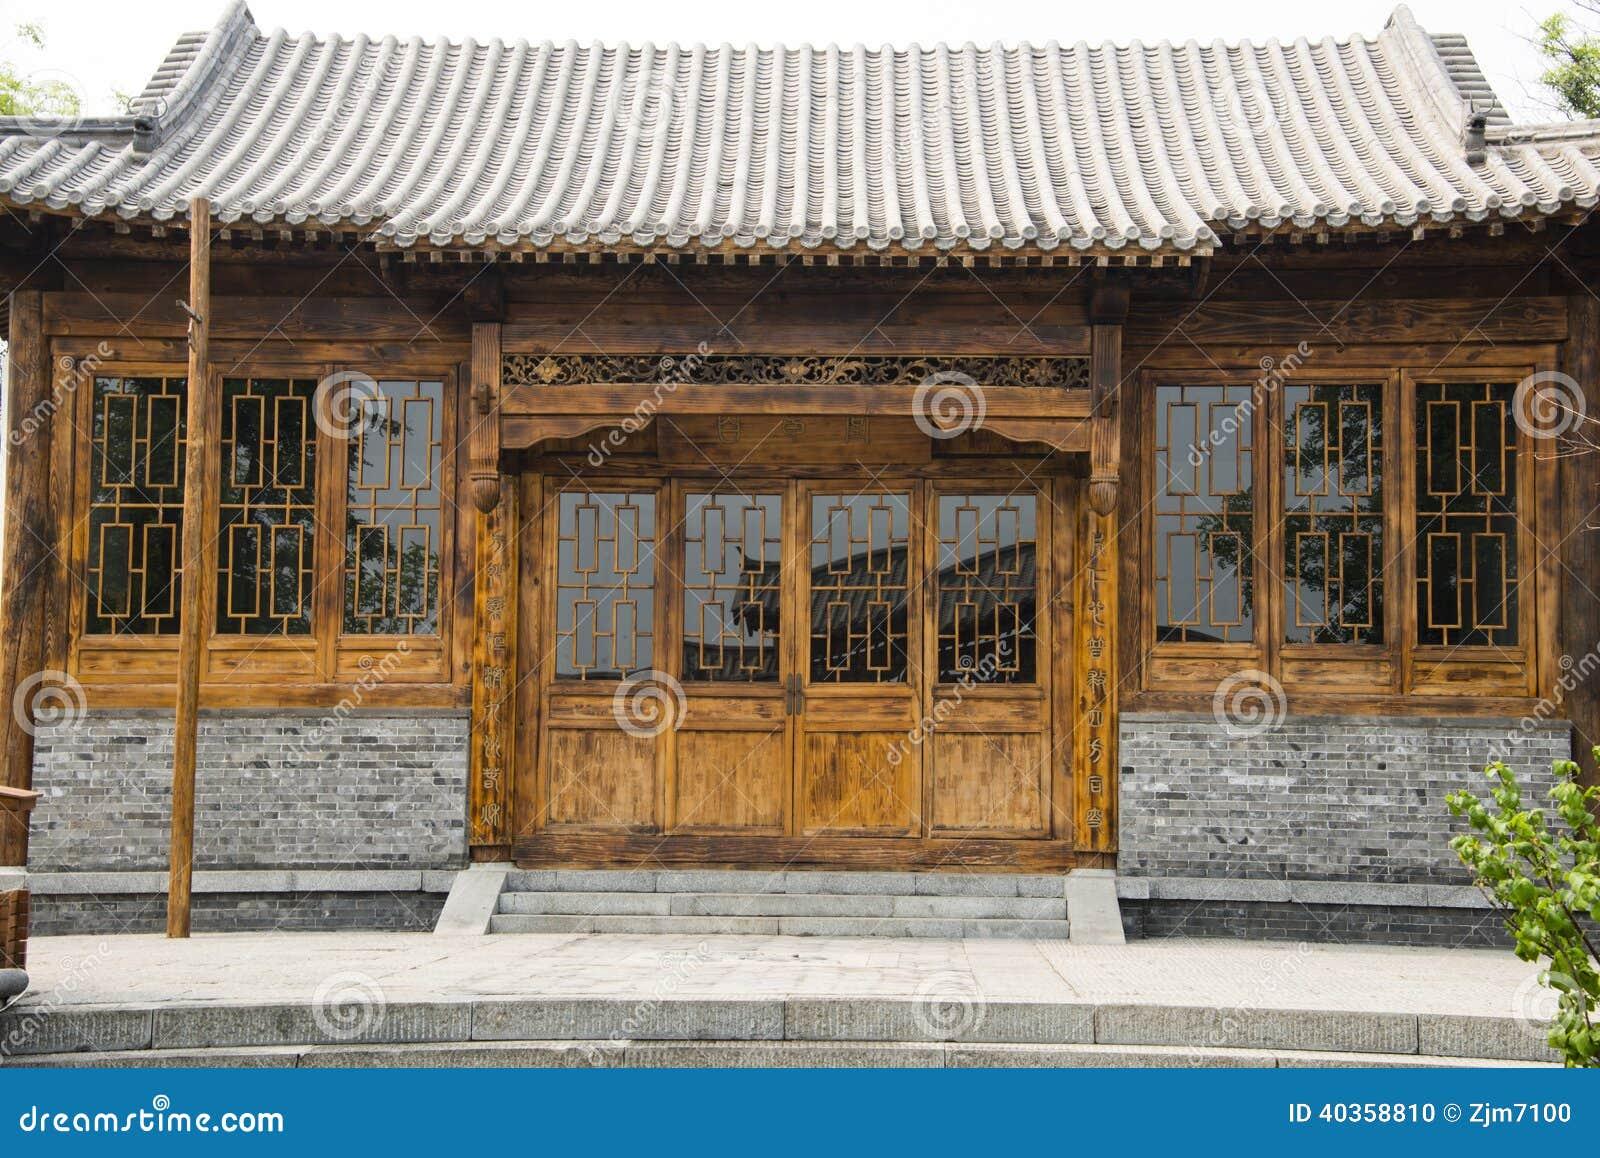 tuiles grises de antique chinois asiatique de b timents. Black Bedroom Furniture Sets. Home Design Ideas